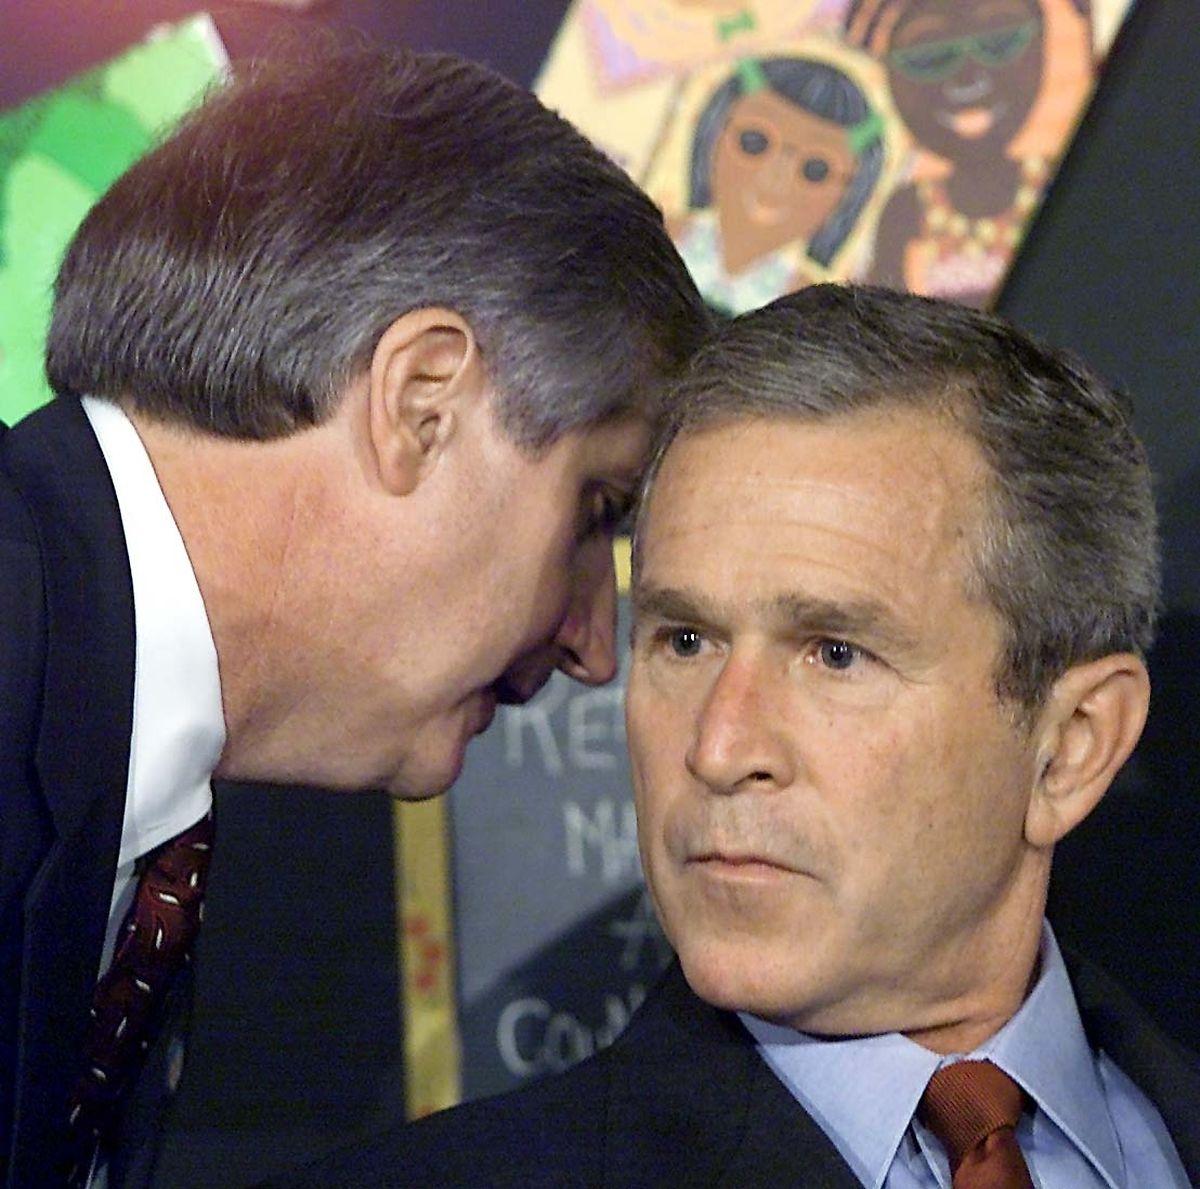 Schockstarre: Lange sieben Minuten weiß George W. Bush nicht auf die Anschläge zu reagieren.